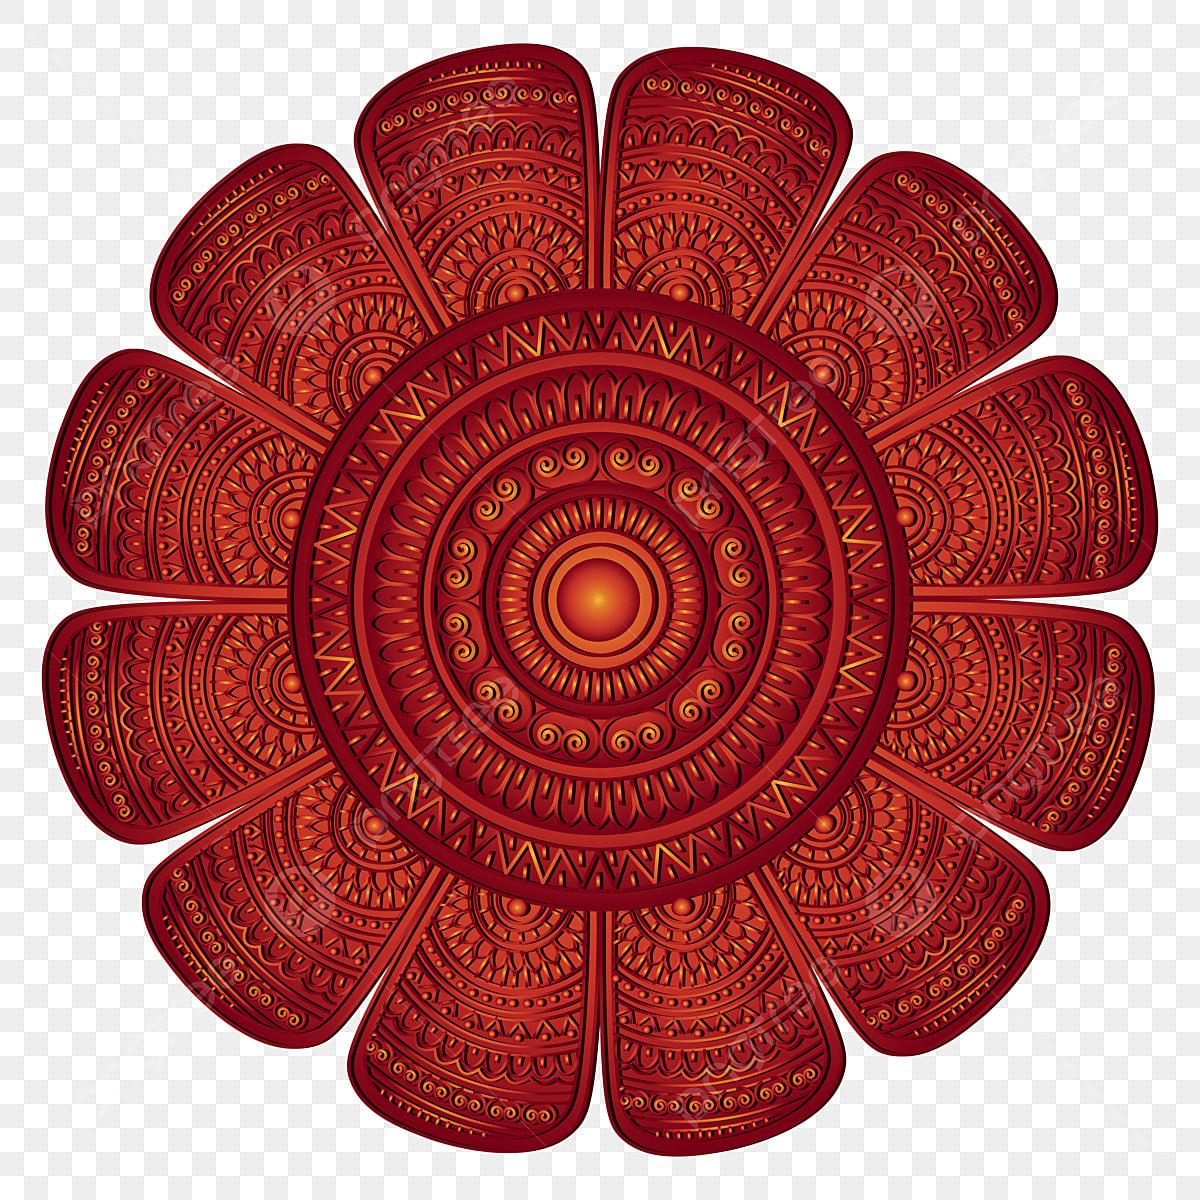 dekorative terrakotta wiederholte mandala design mit retro